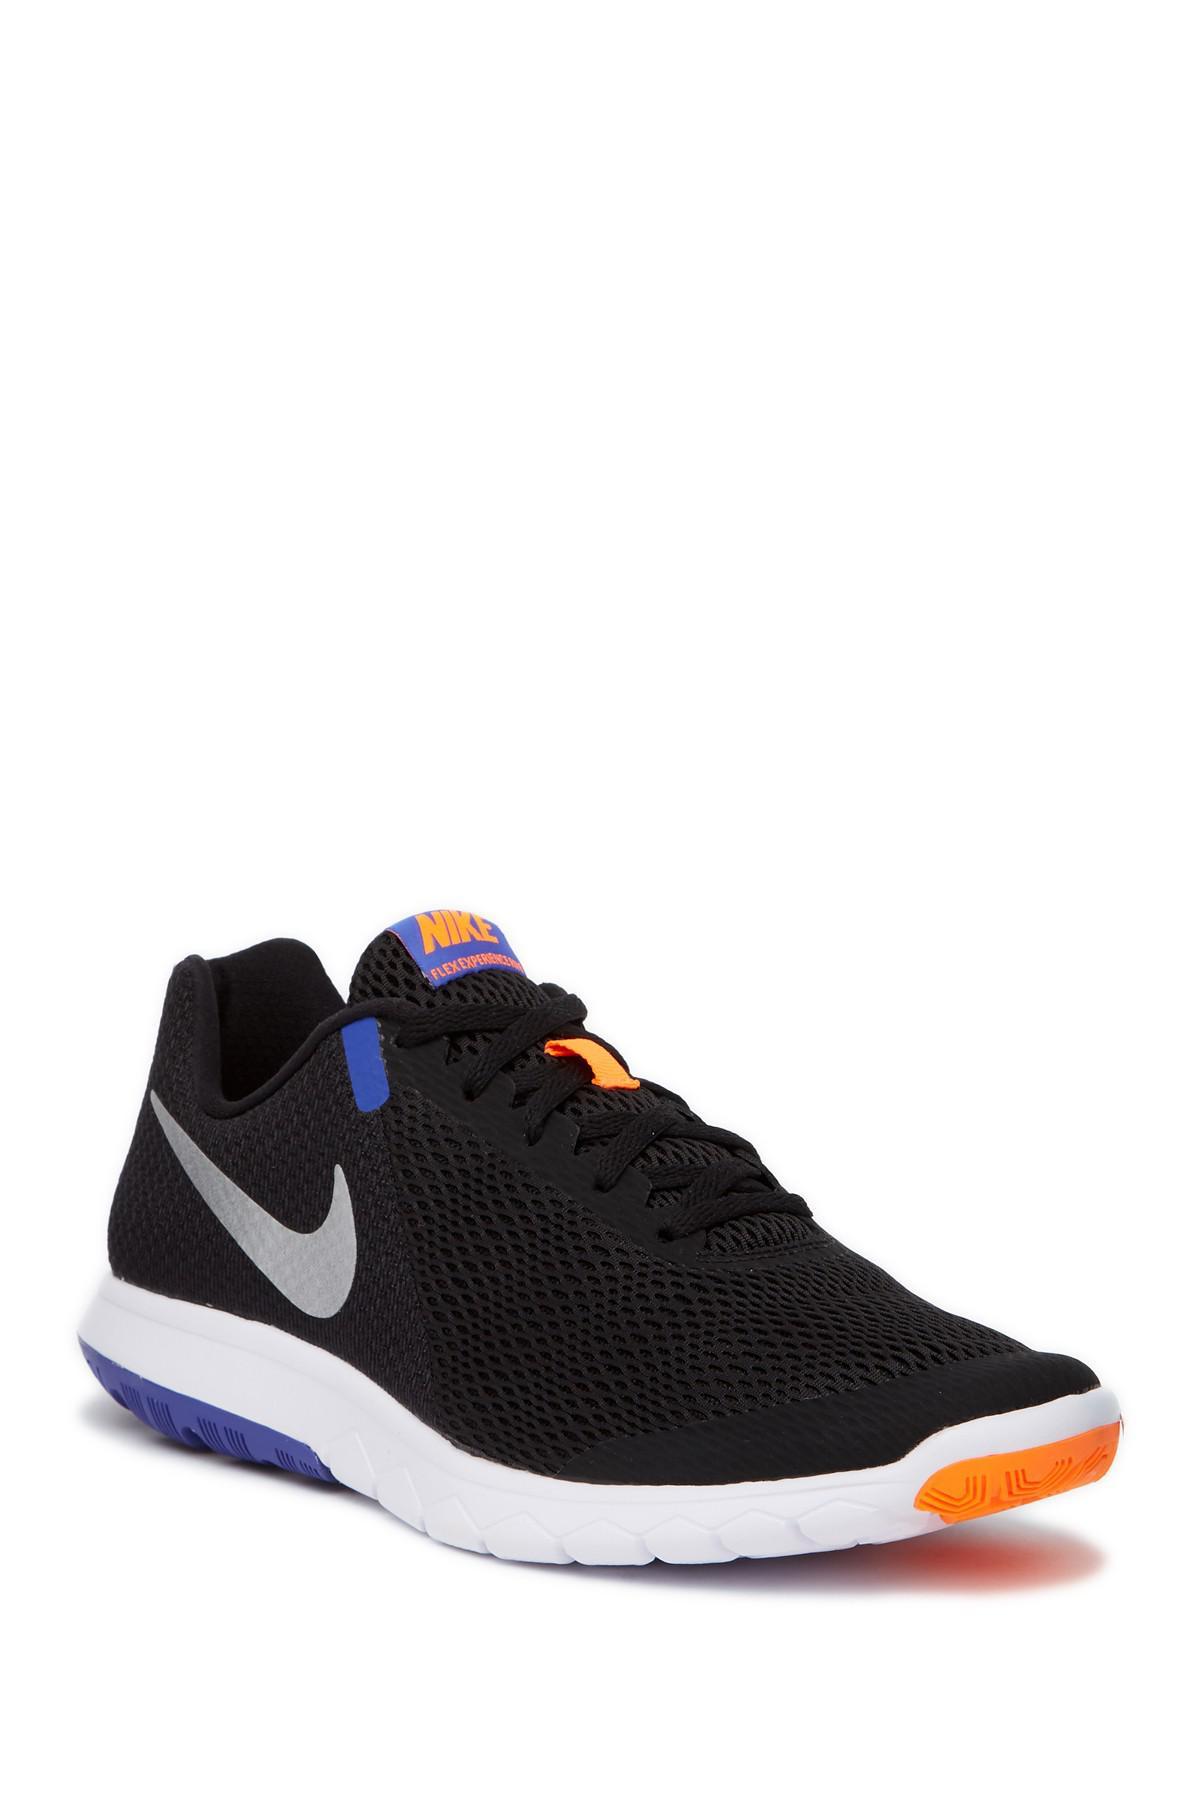 9f828962e440 Lyst - Nike Flex Experience Rn 6 Sneaker in Black for Men